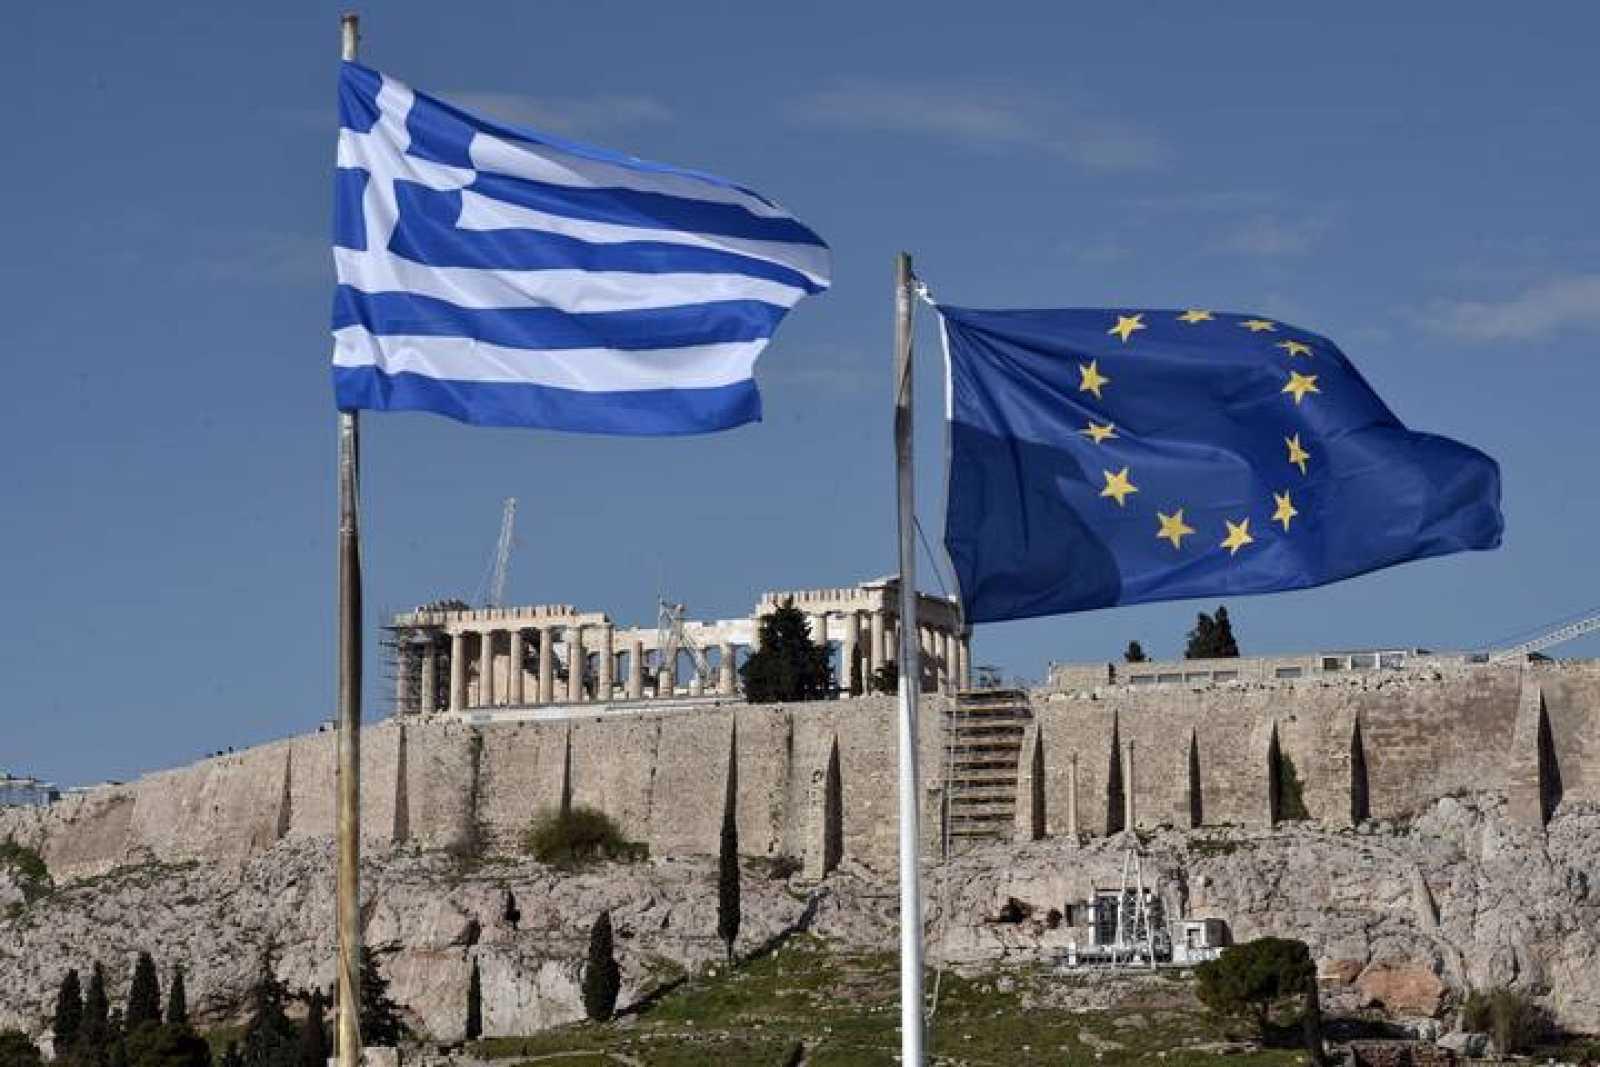 La bandera de Grecia ondea junto a la de la UE delante del Partenón en Atenas